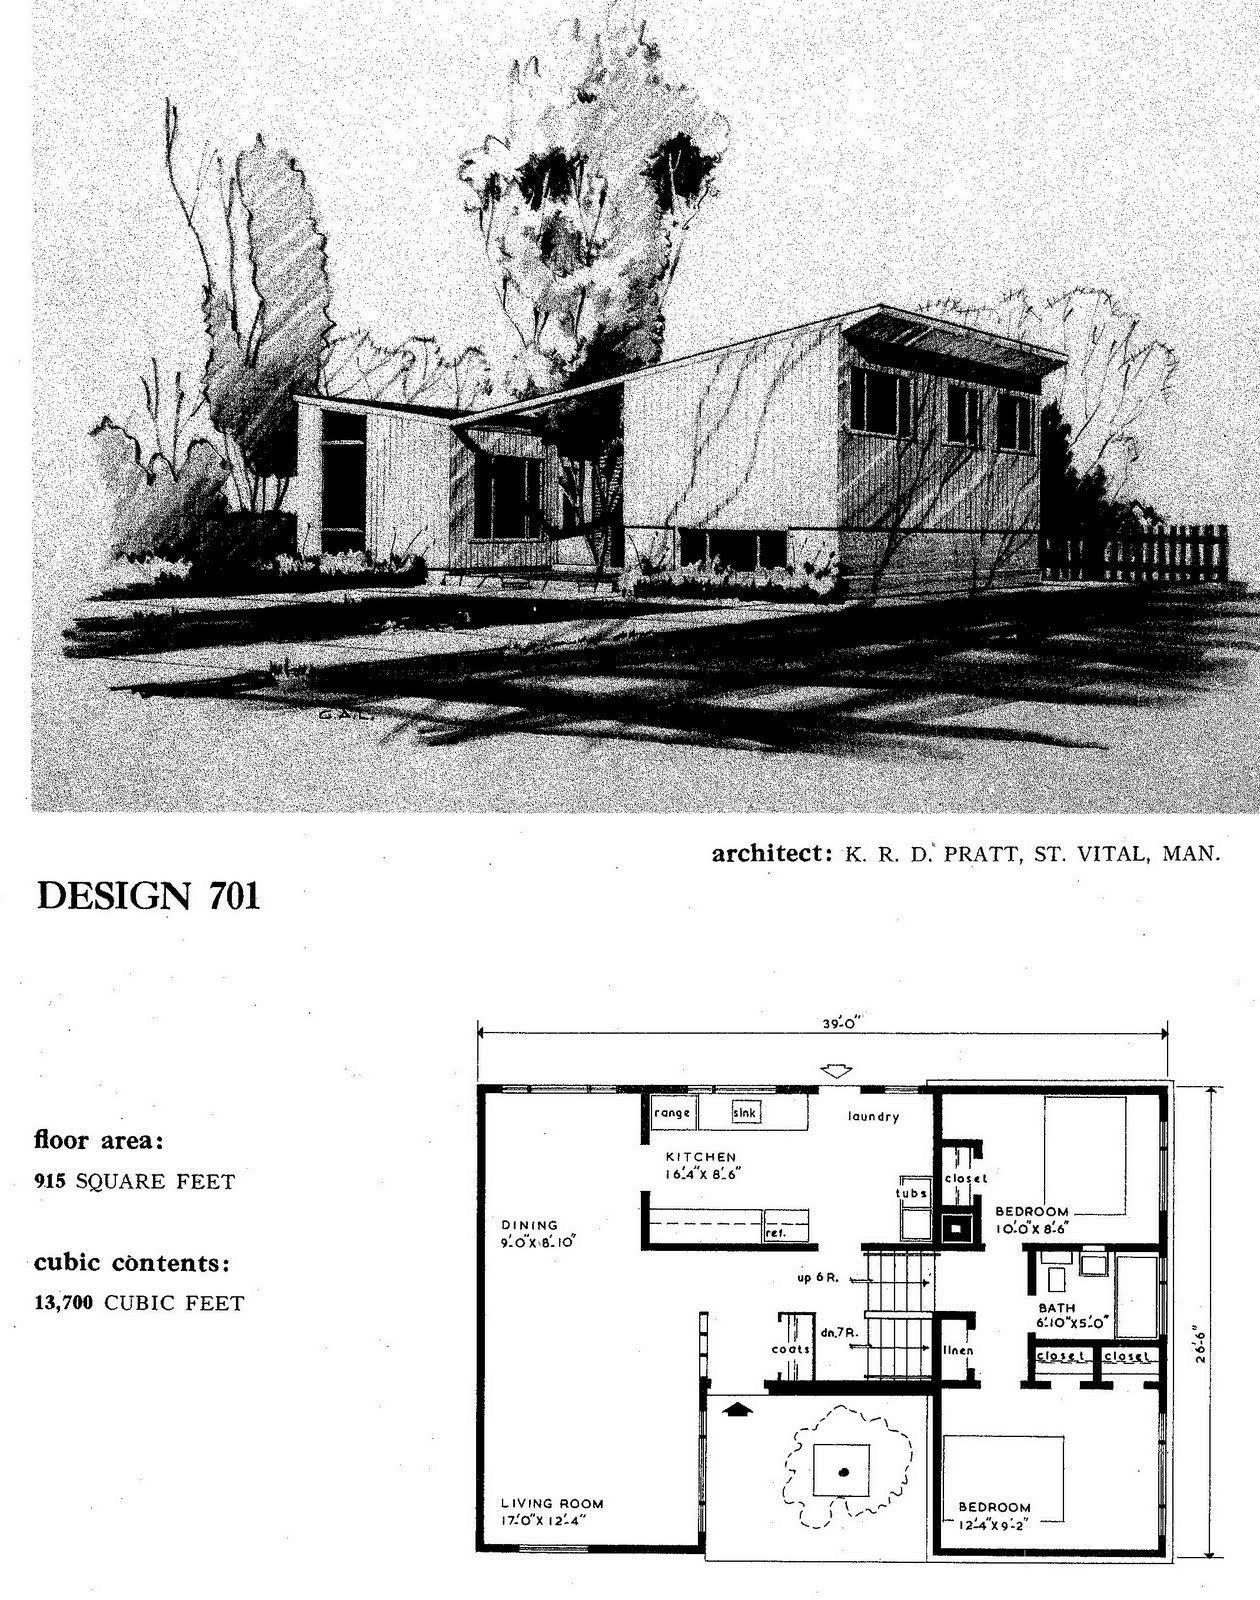 Struktur, Moderne Architektur, Architektur Innenarchitektur,  Schmetterlingshaus, Landhaus Plan, Glashaus, Hütten